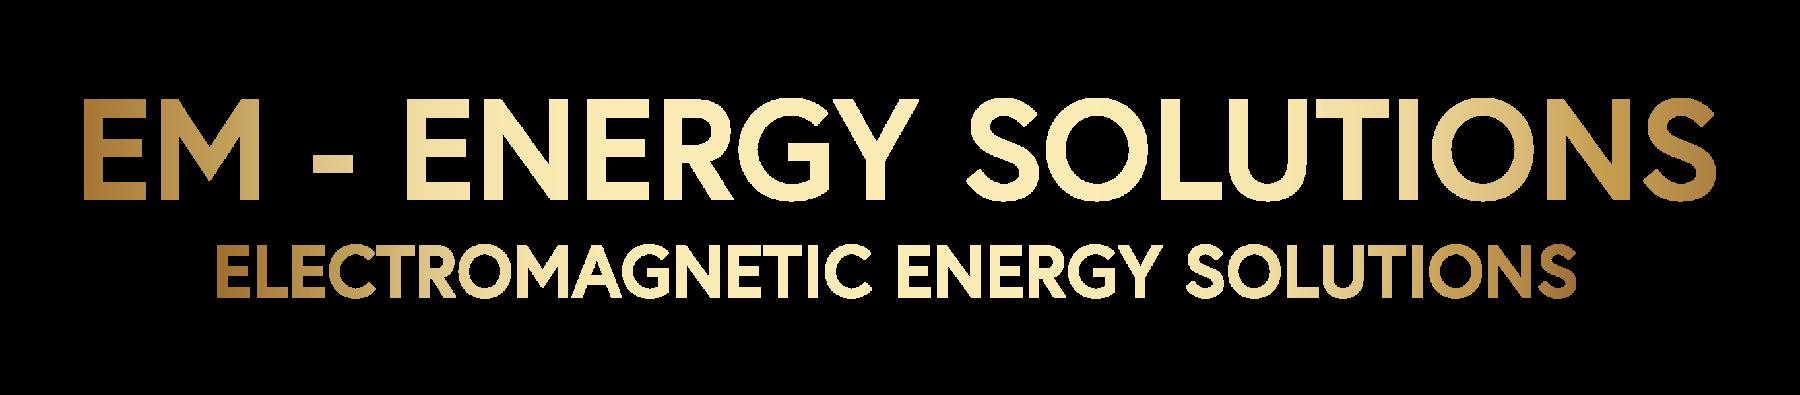 EM-Energy-Solutions